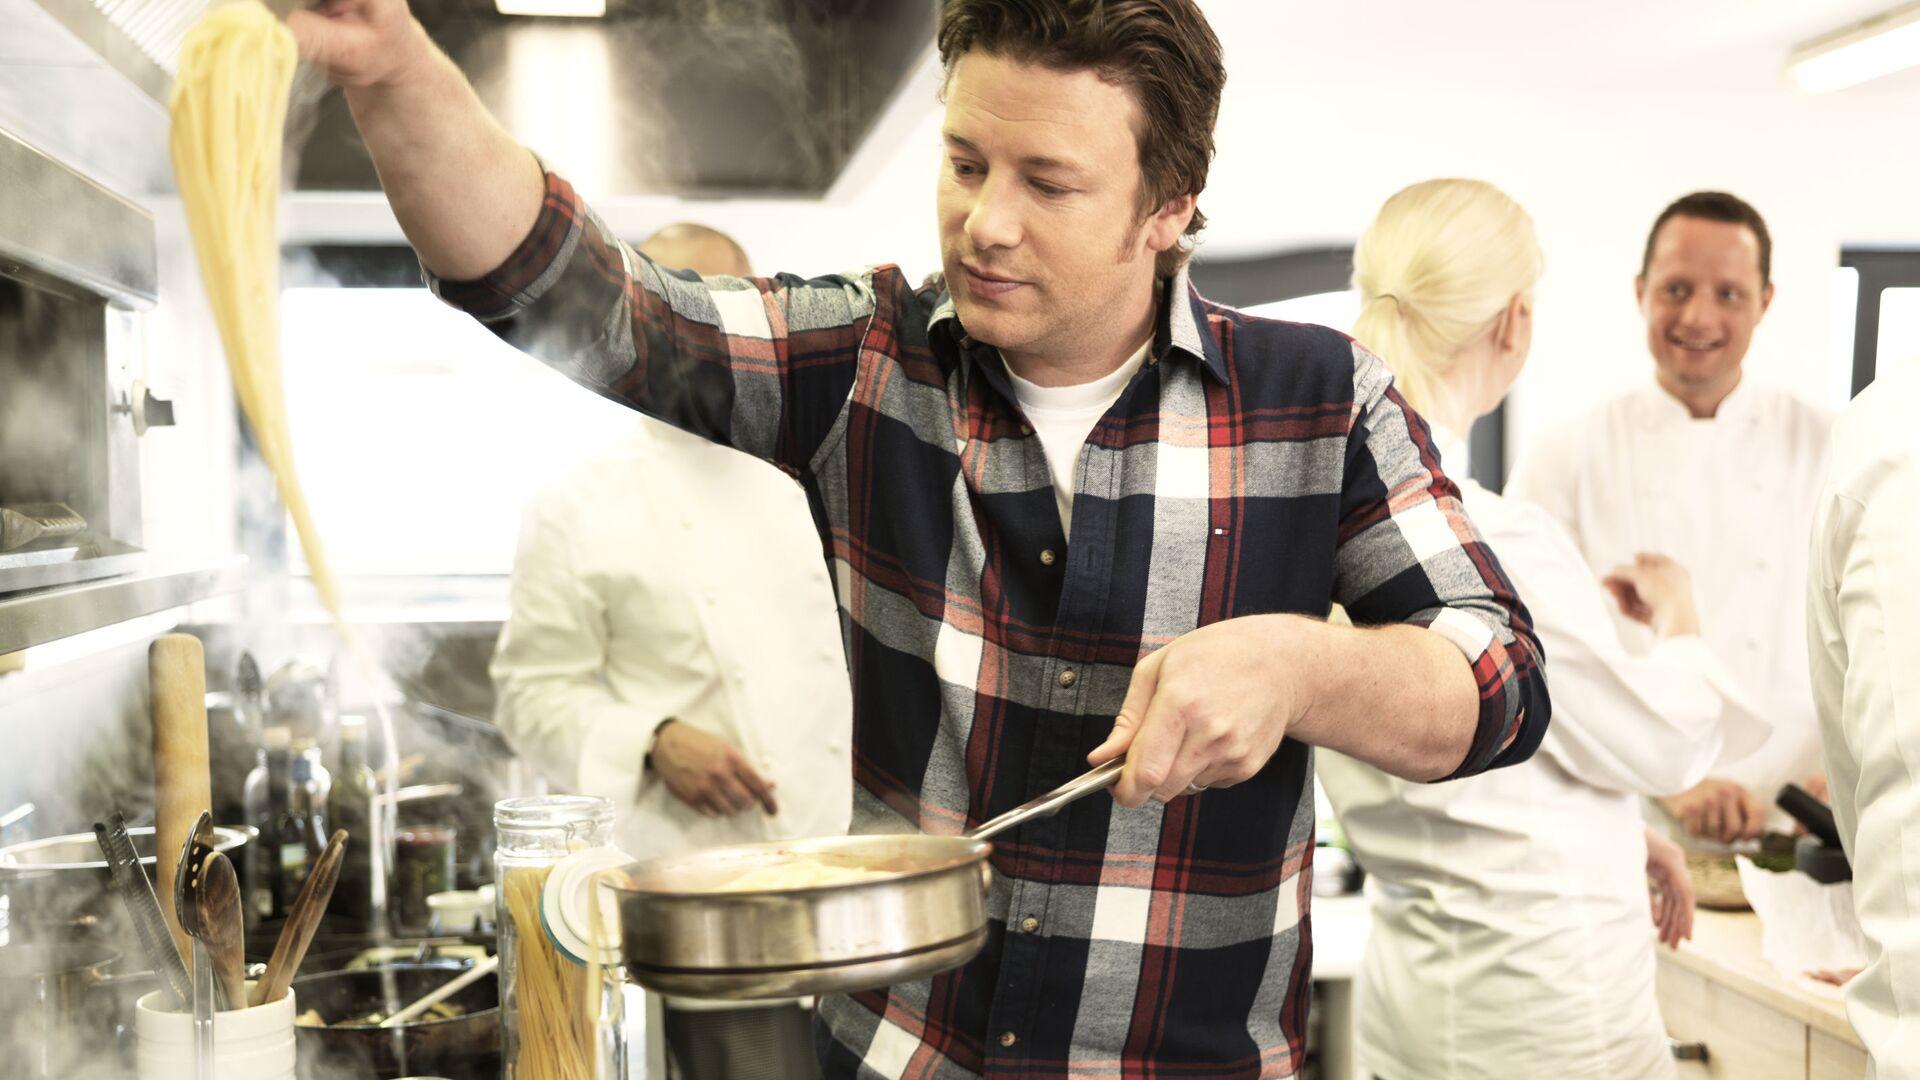 Světoznámý kuchař a autor mnohých kuchařských knih Jamie Oliver  - Sputnik Česká republika, 1920, 24.08.2021